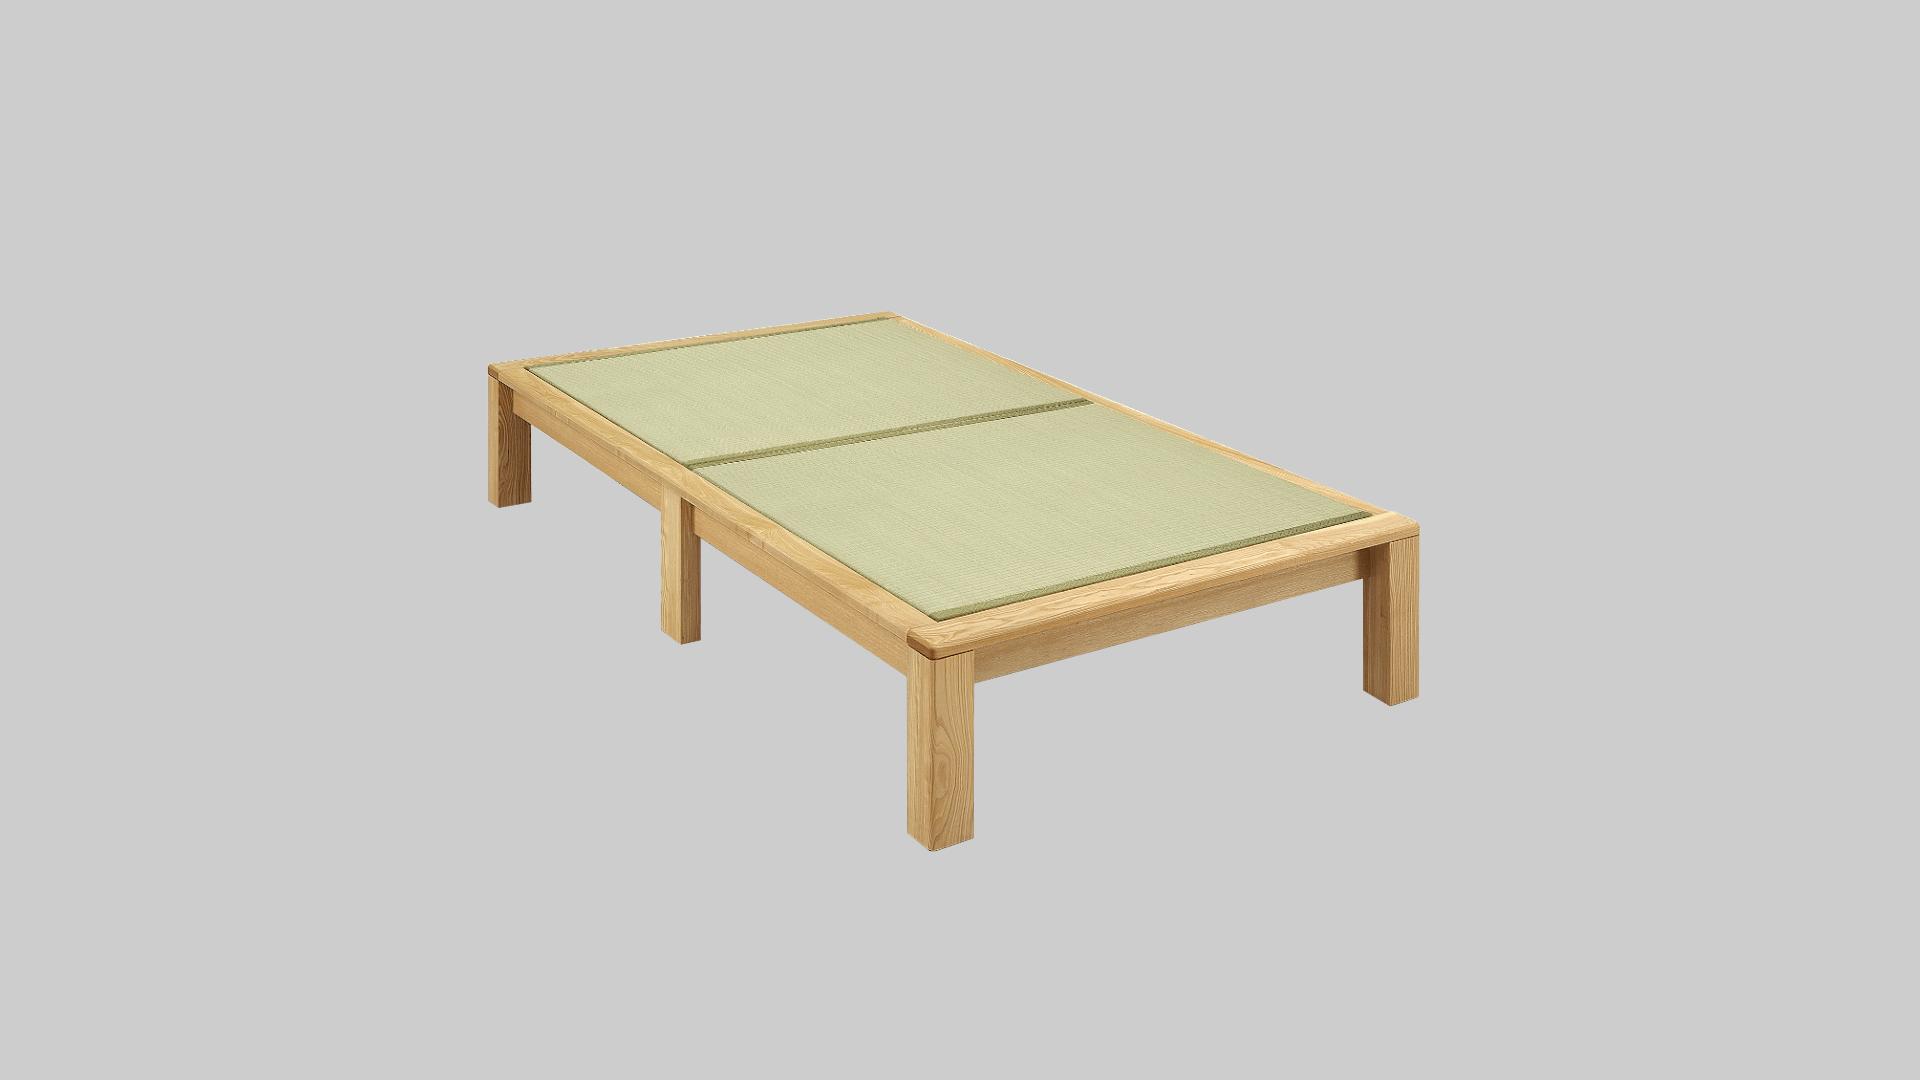 木製ベット14 タタミ付 イメージ